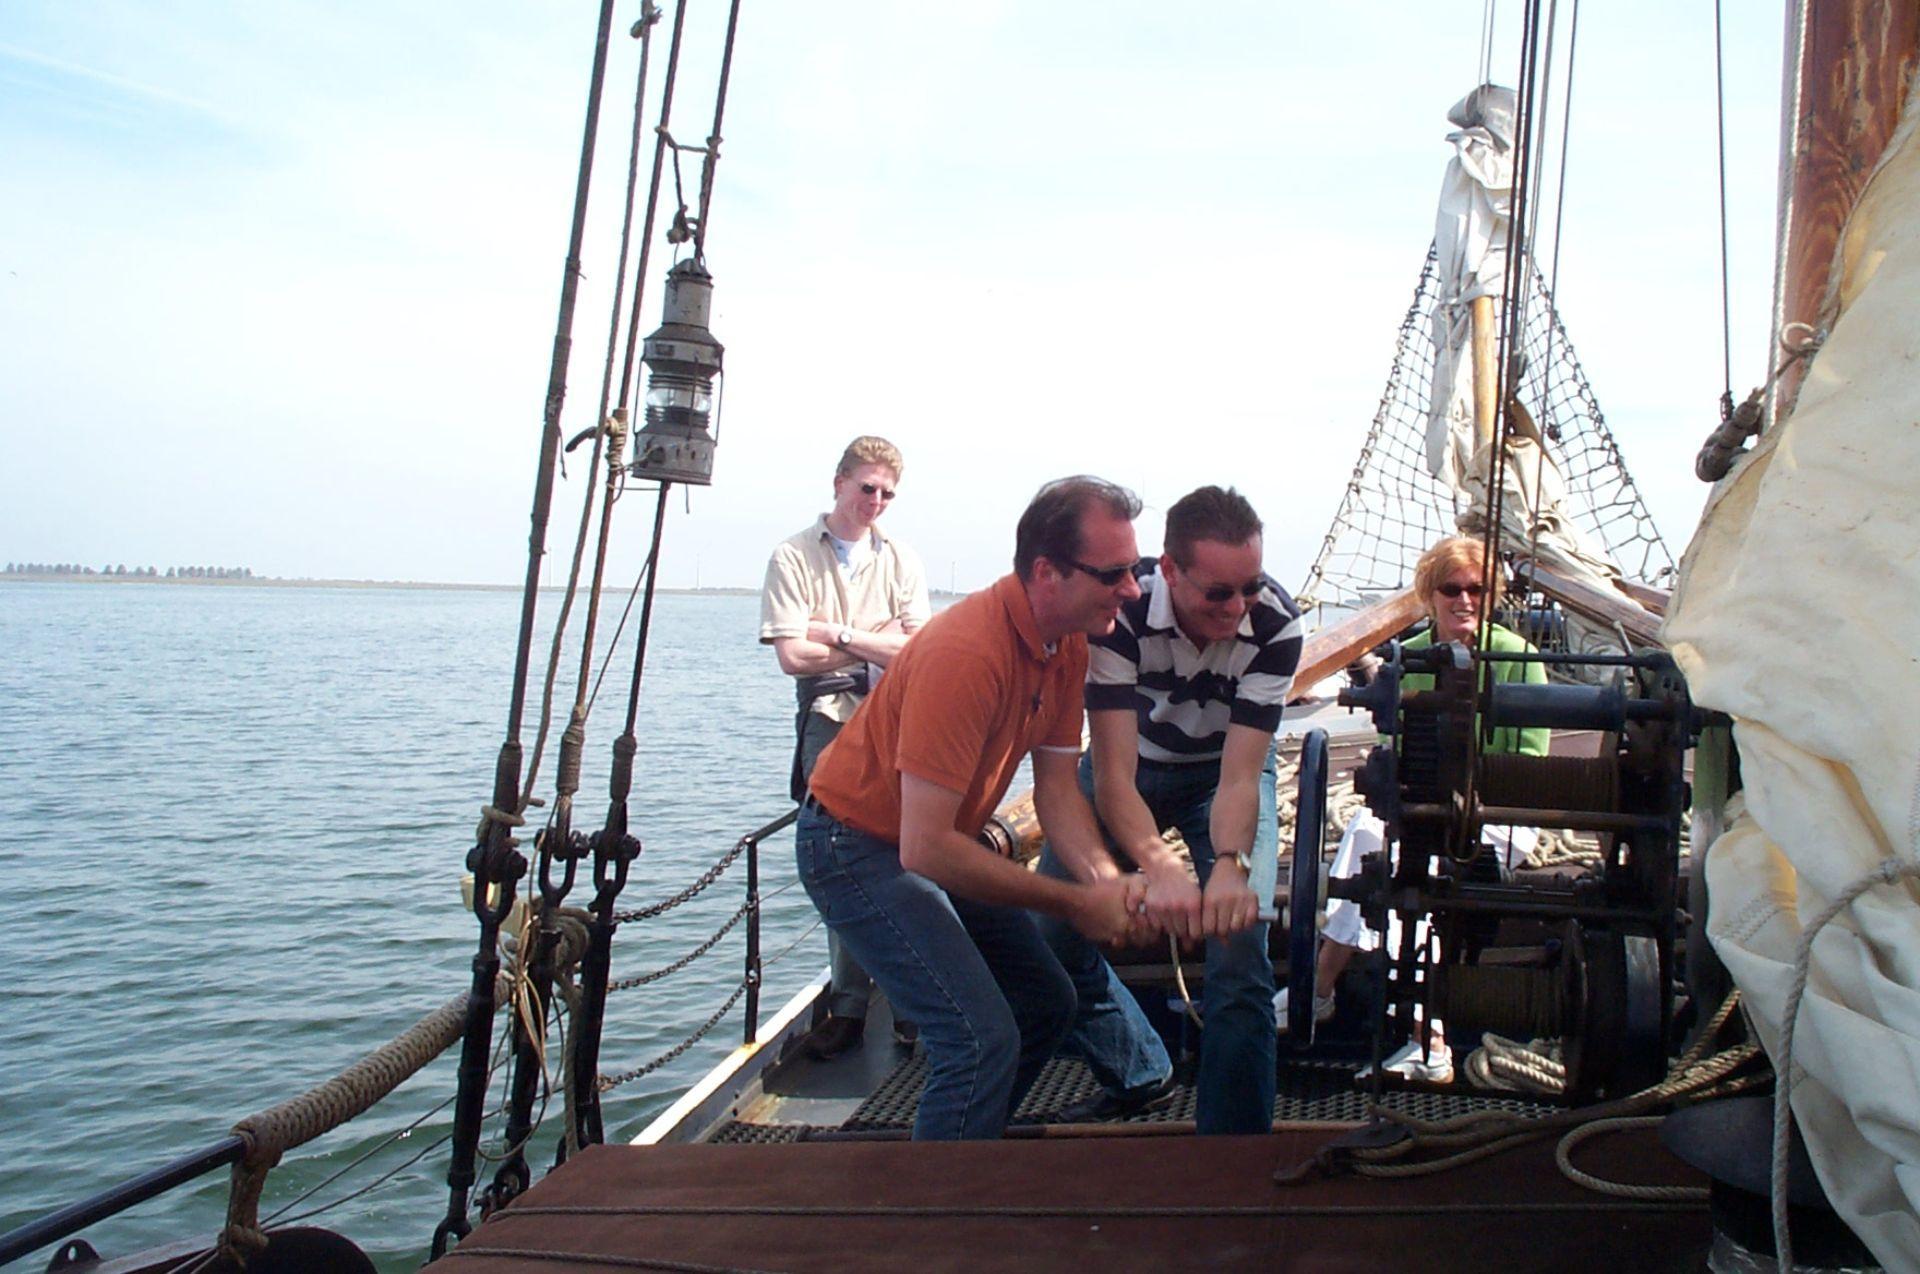 Nuquest Events: cooperation sur une chalouppe hollandaise avec Nuquest